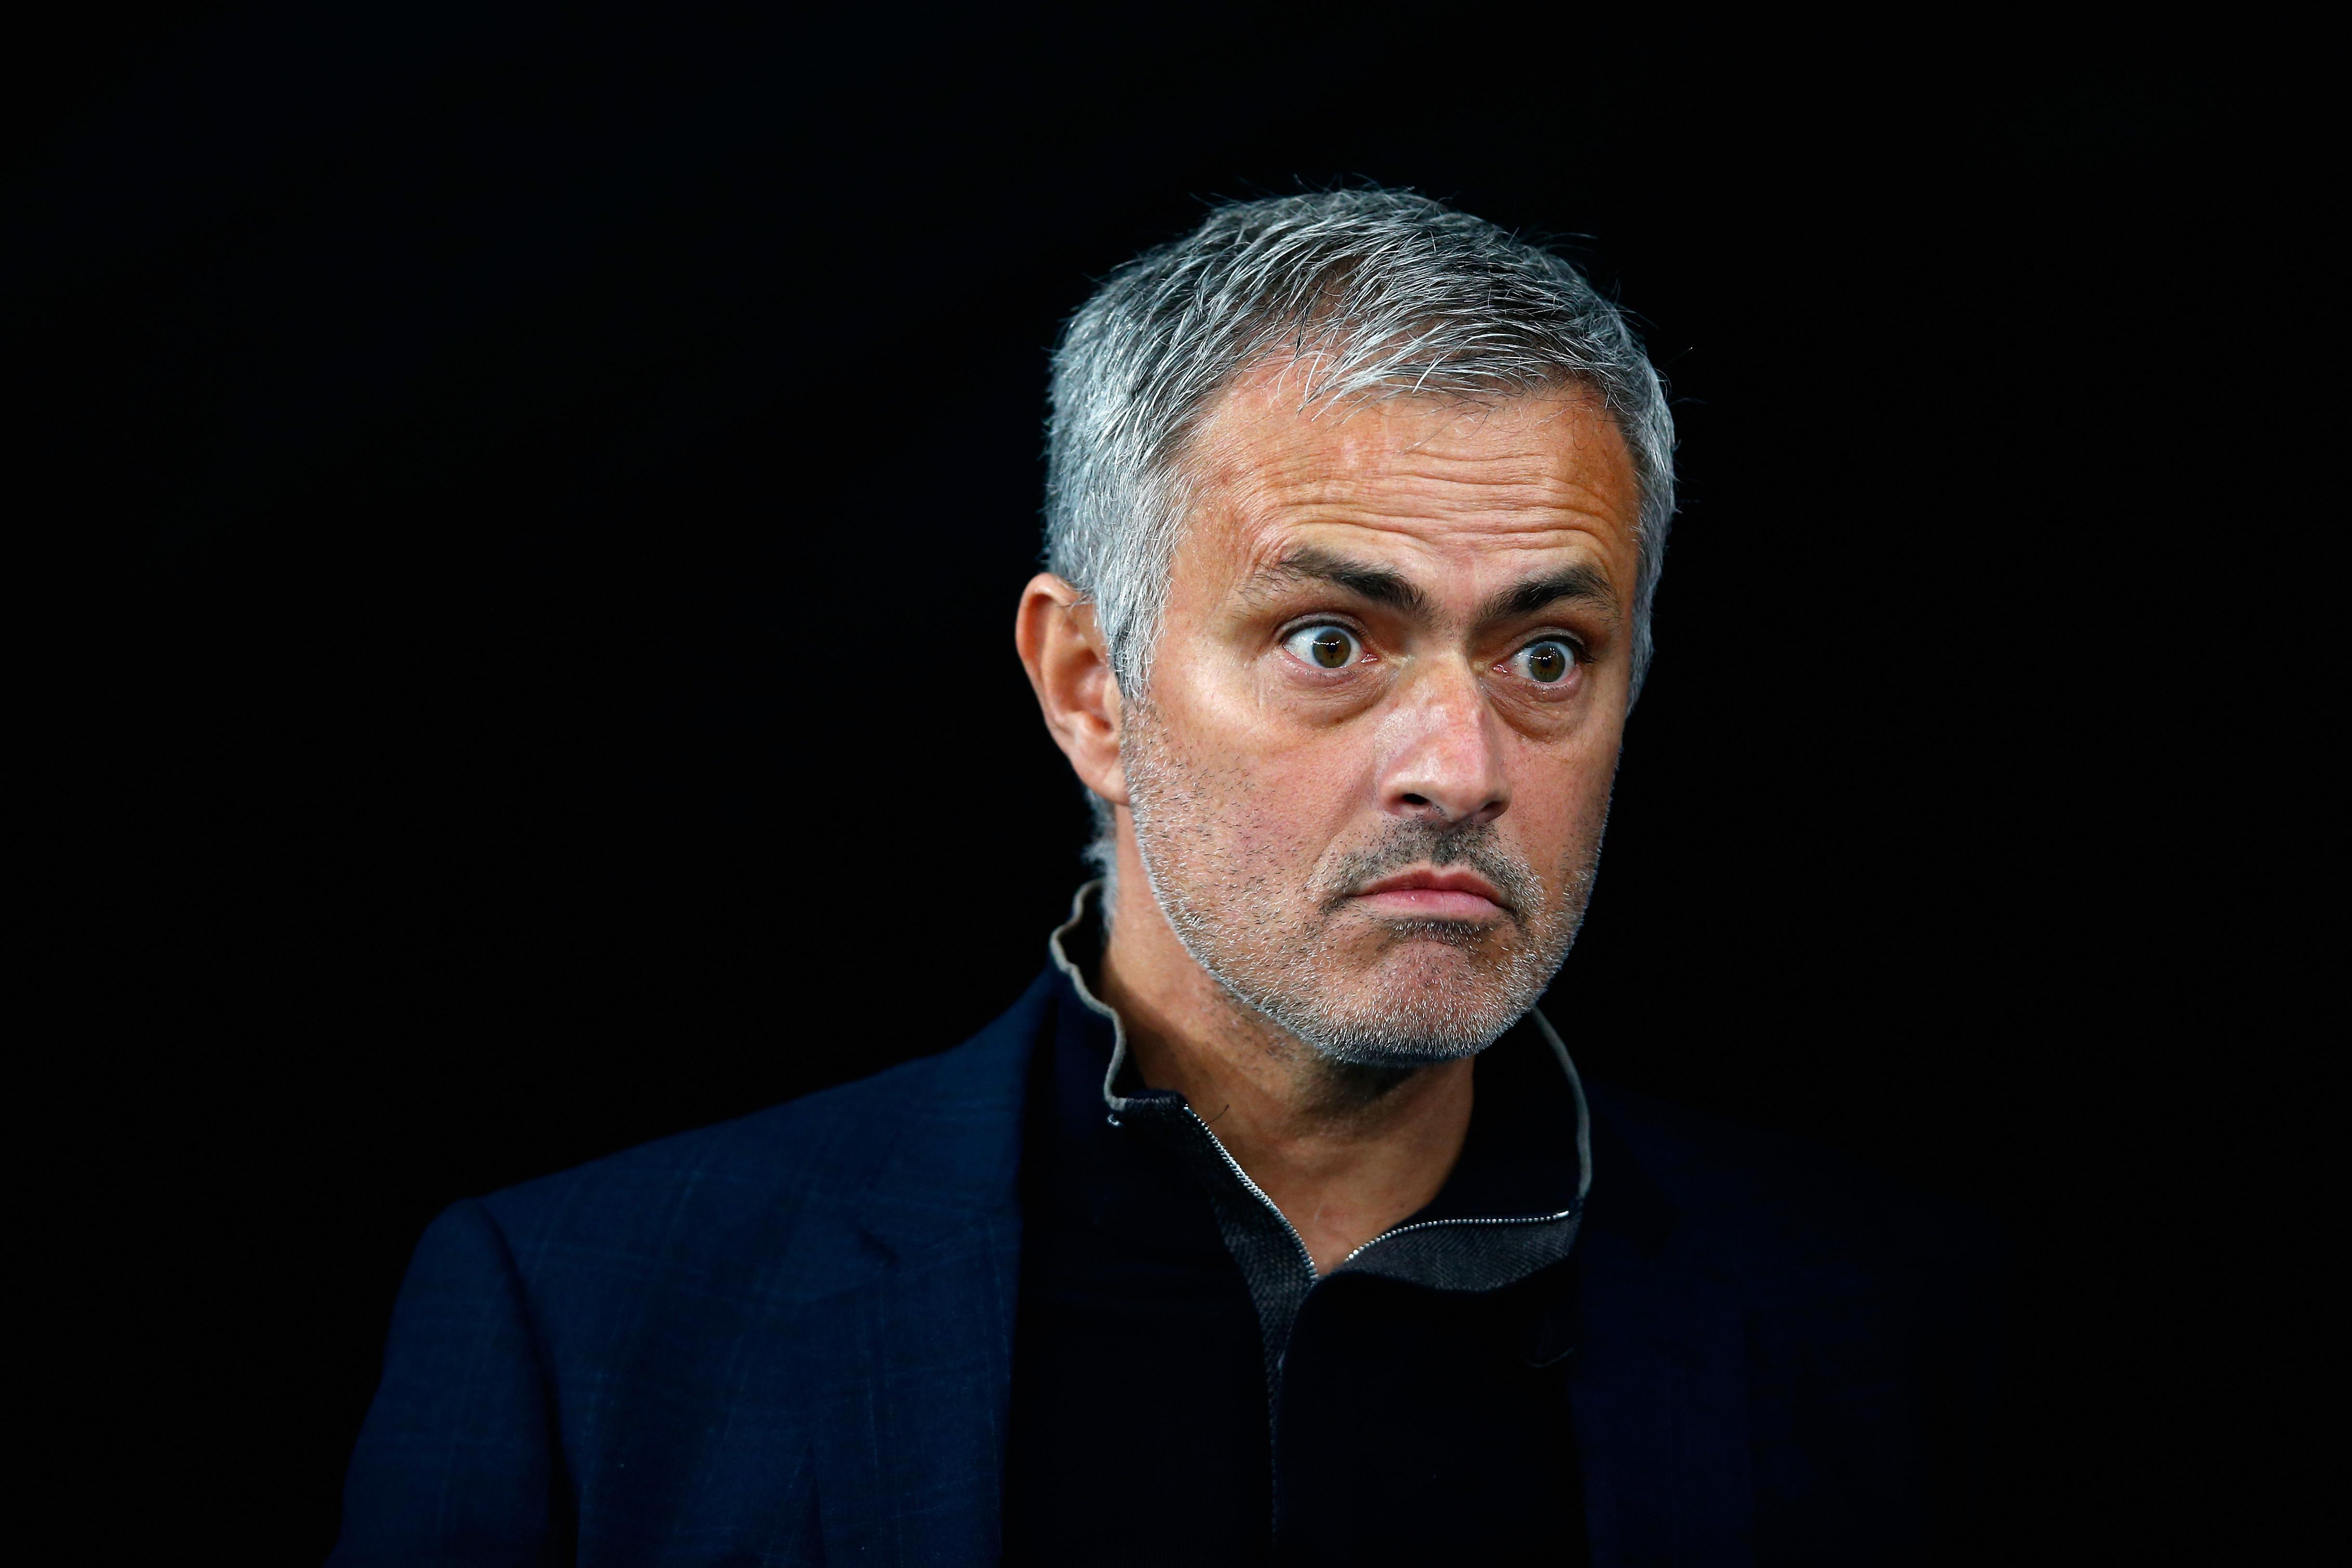 Cum a reacționat Jose Mourinho când a fost întrebat despre transferul lui Bale la Tottenham